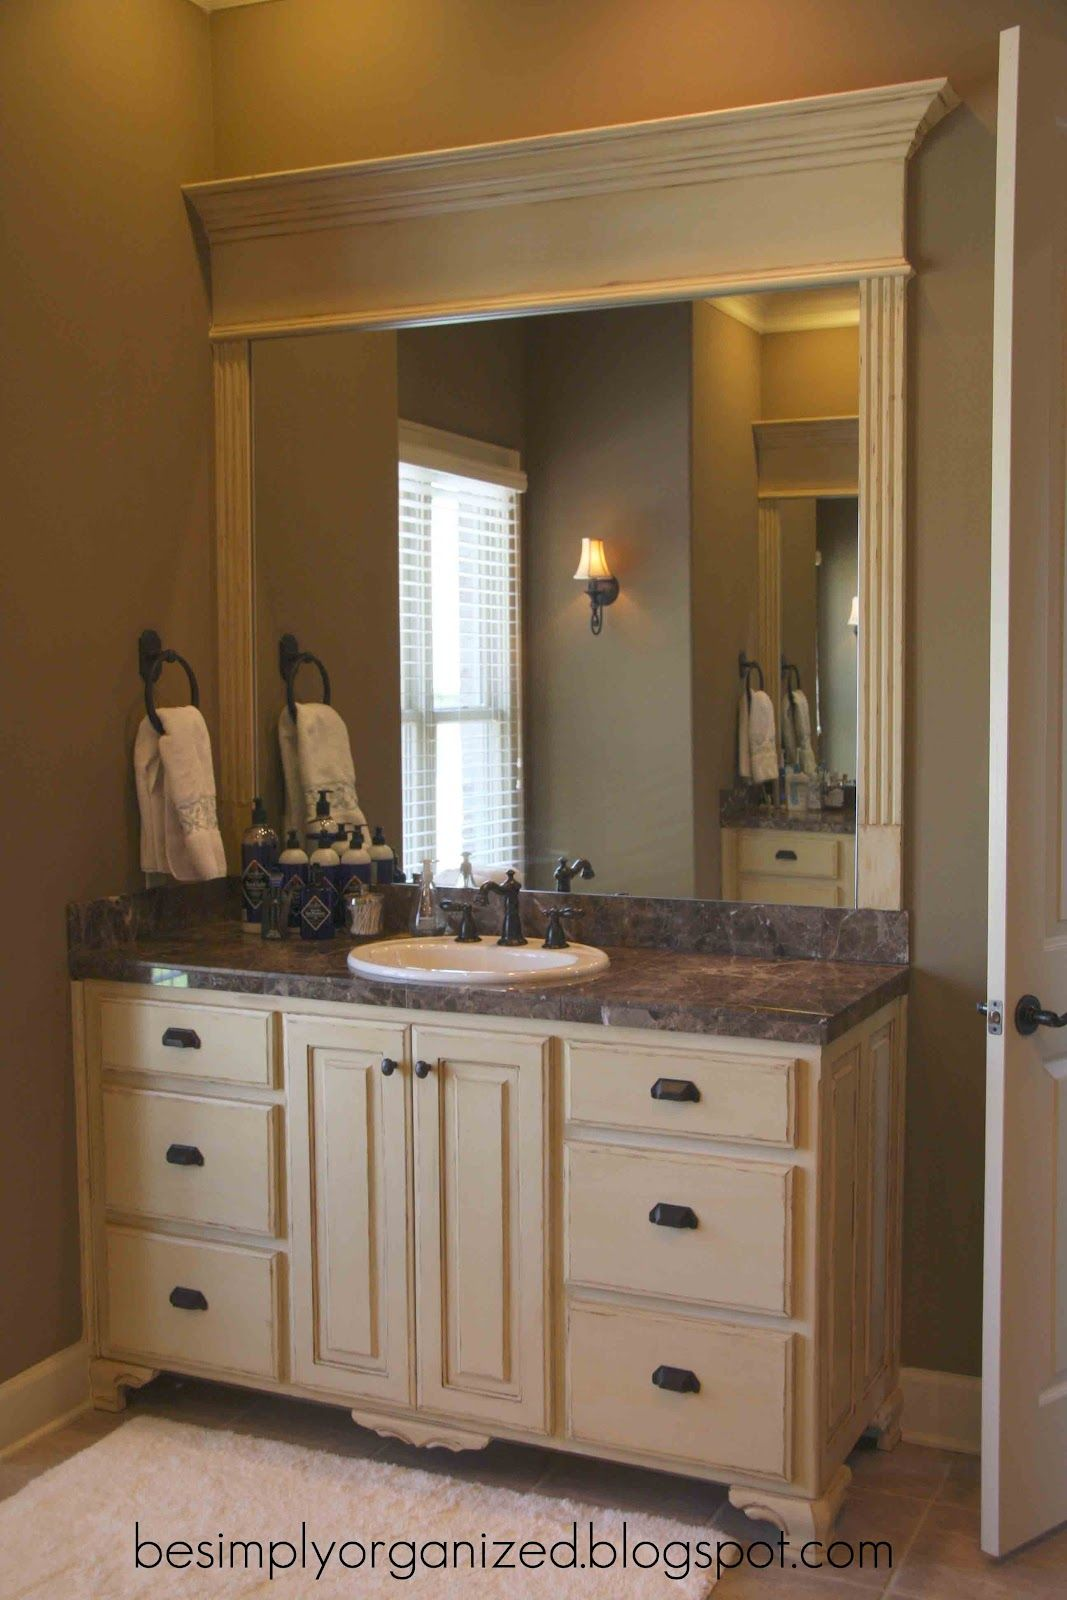 Bathroom mirror ideas diy for a small bathroom bath diy